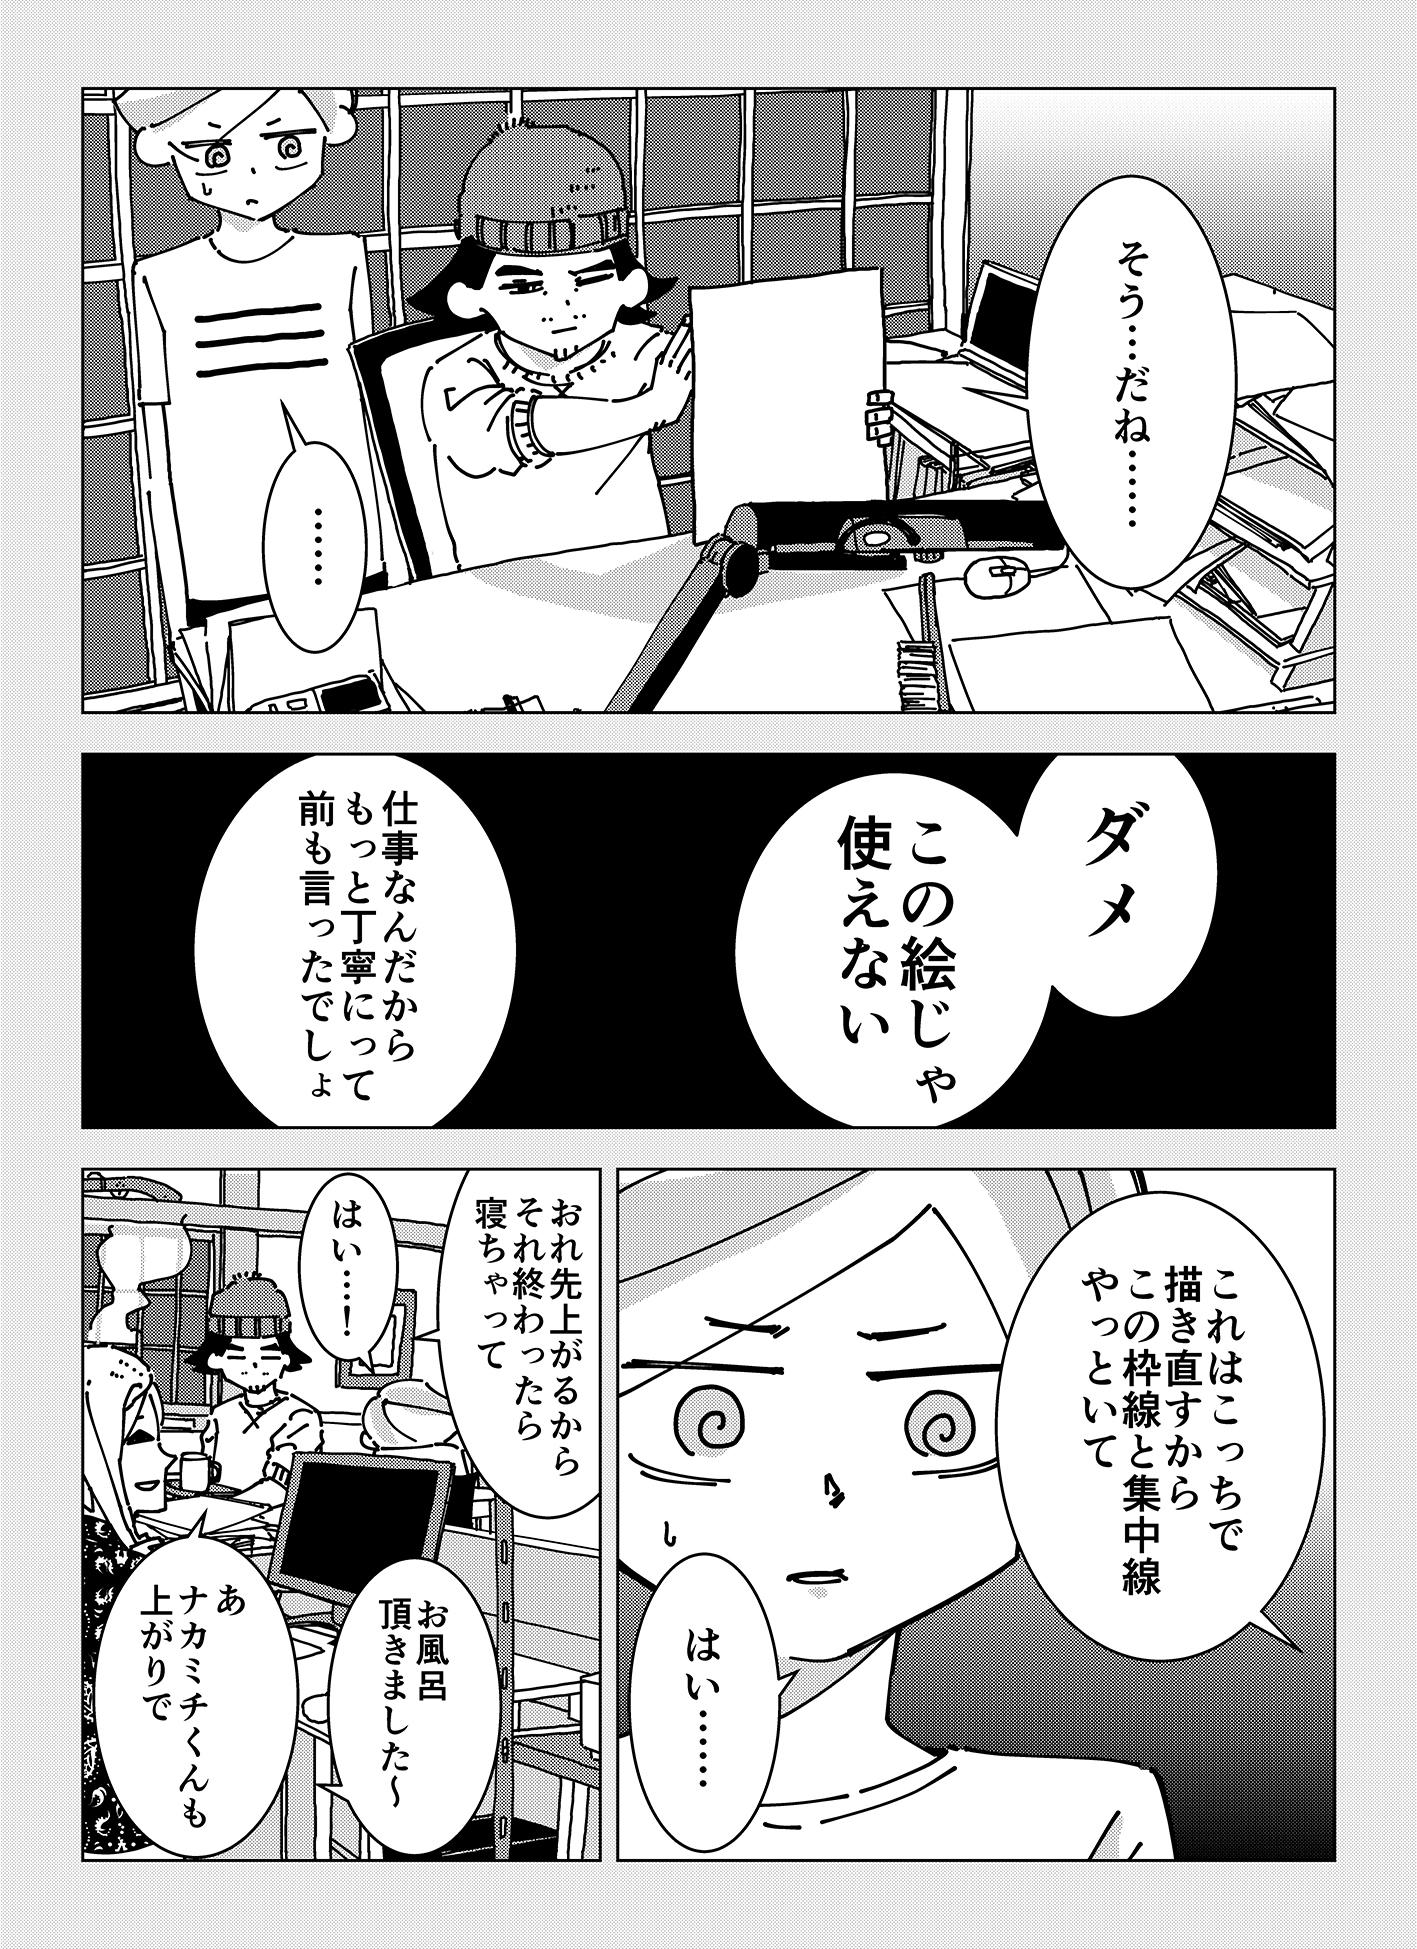 share05_001